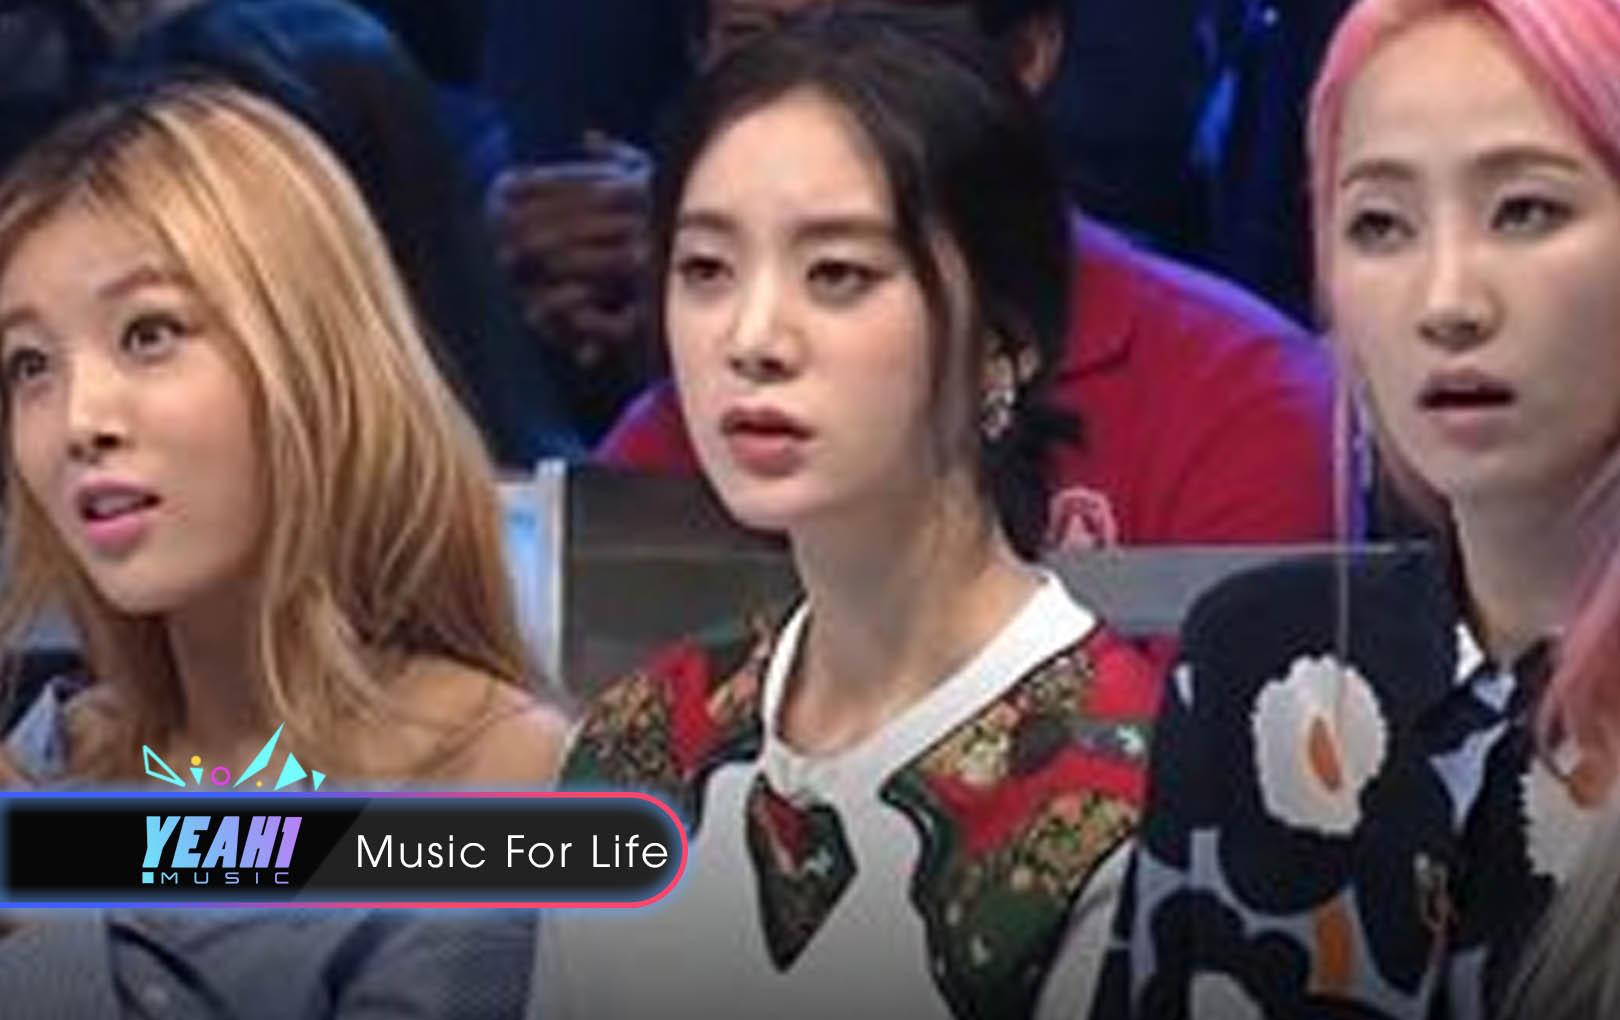 Nhóm nhạc nữ Việt đại náo gameshow Hàn Quốc bằng sân khấu đỉnh, Wonder Girls há hốc mồm, ngỡ người Hàn